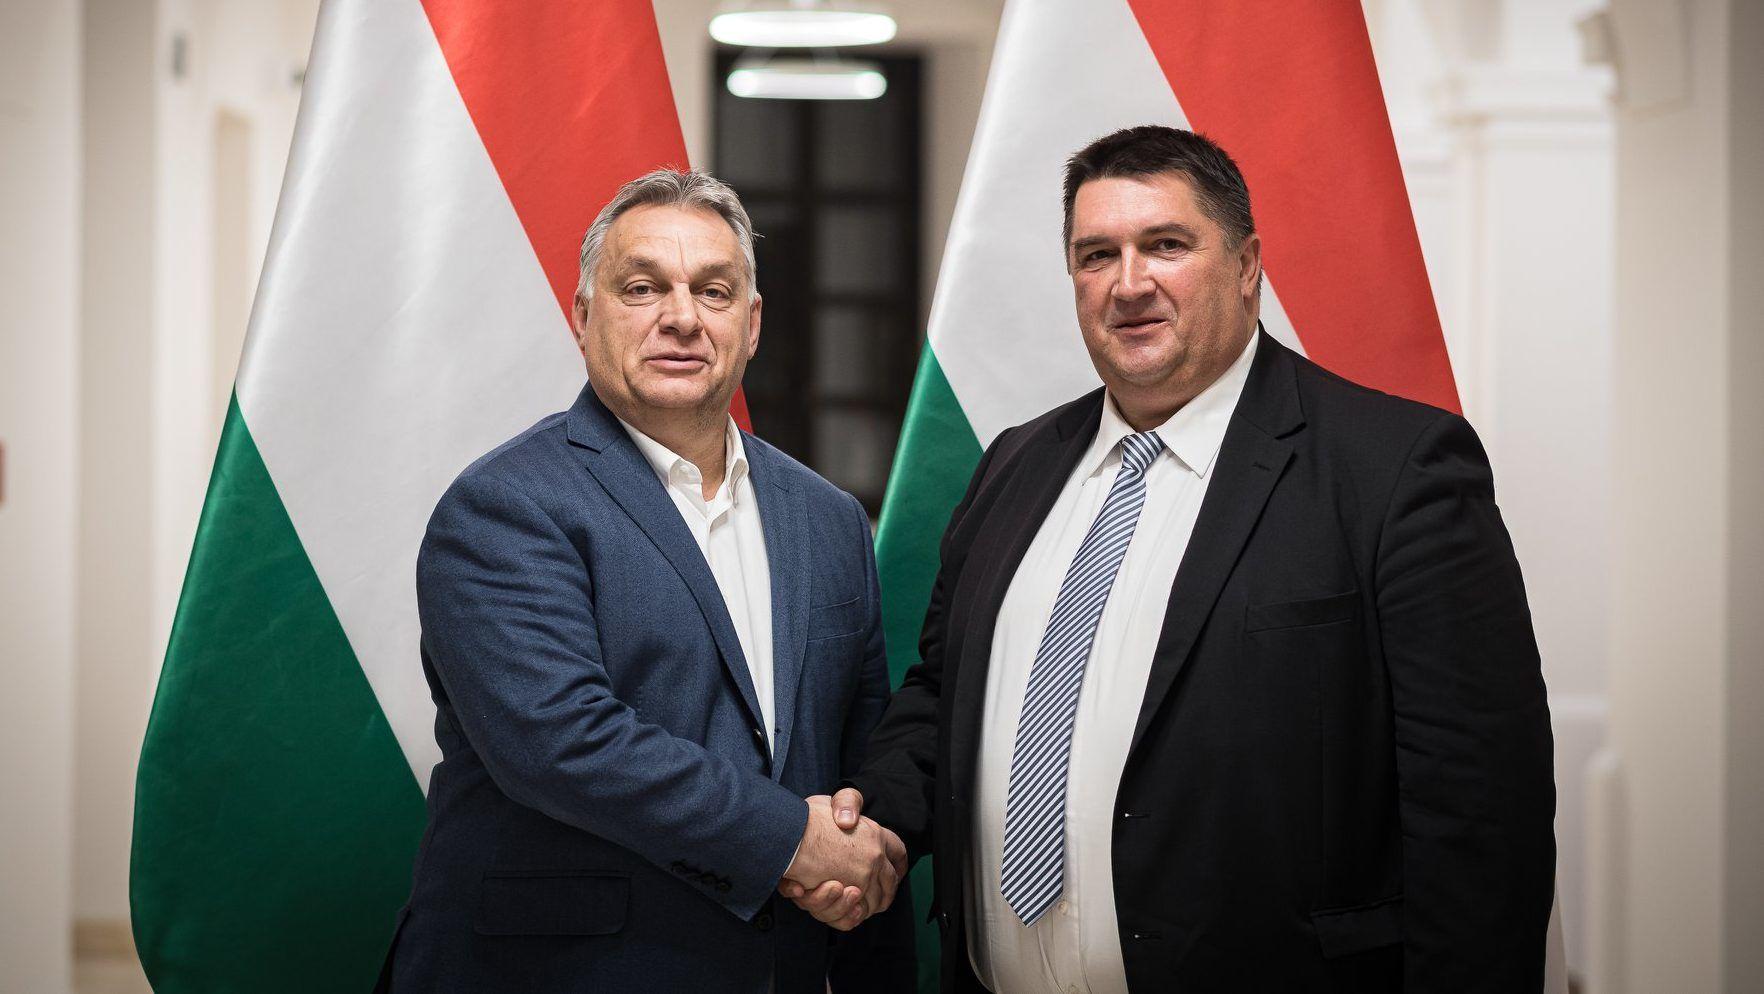 Vizsgálóbizottság tárhatja fel a fideszes zughotel ügyét Terézvárosban